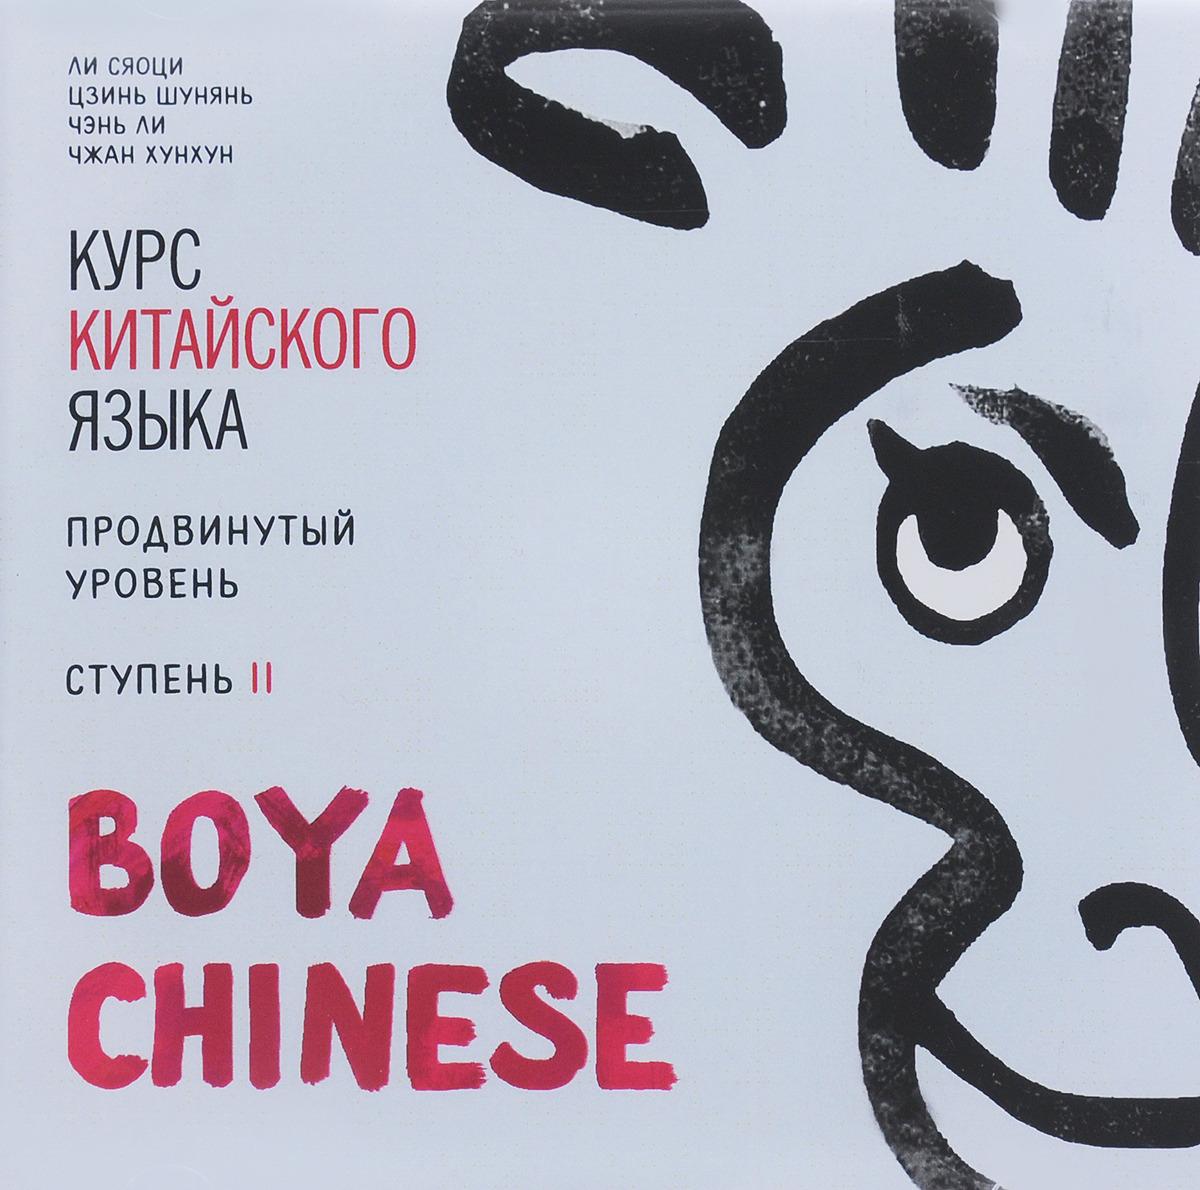 """Ли Сяоци Курс китайского языка. """"Boya Chinese"""" Ступень-2. Продвинутый уровень. МР3-диск"""